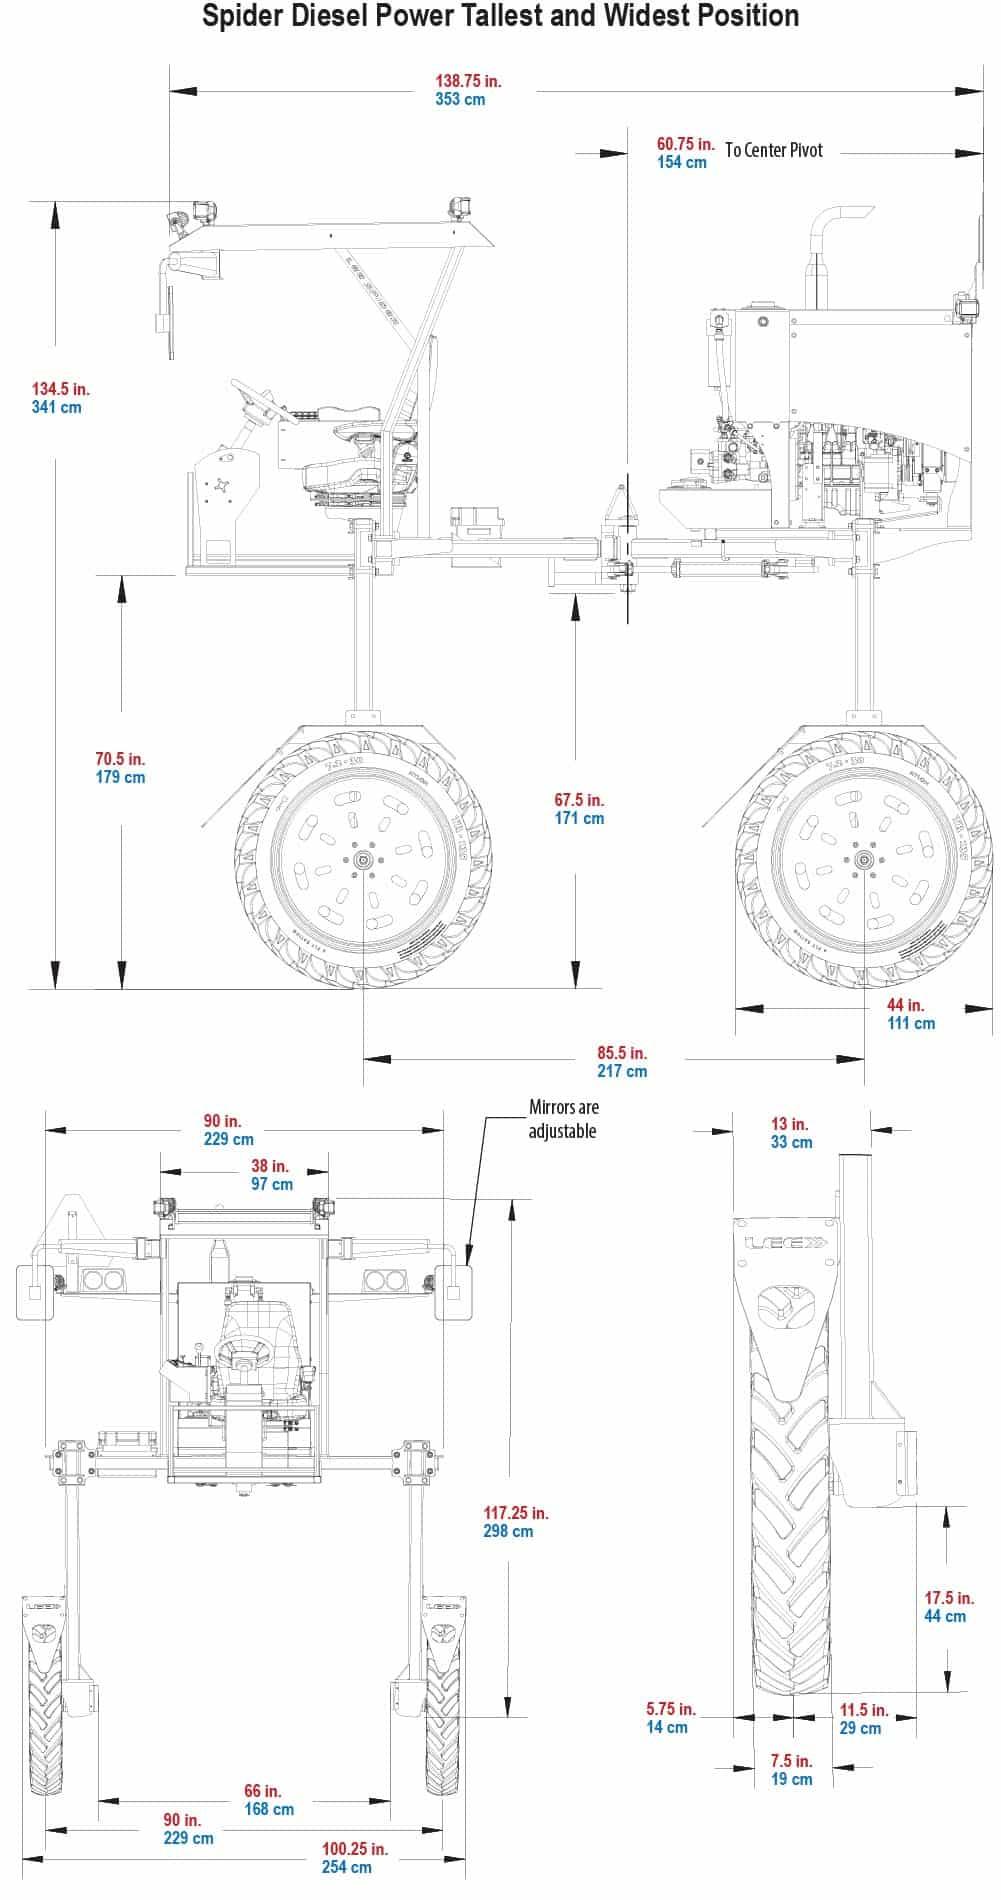 wiring diagram for predator 2000 generator